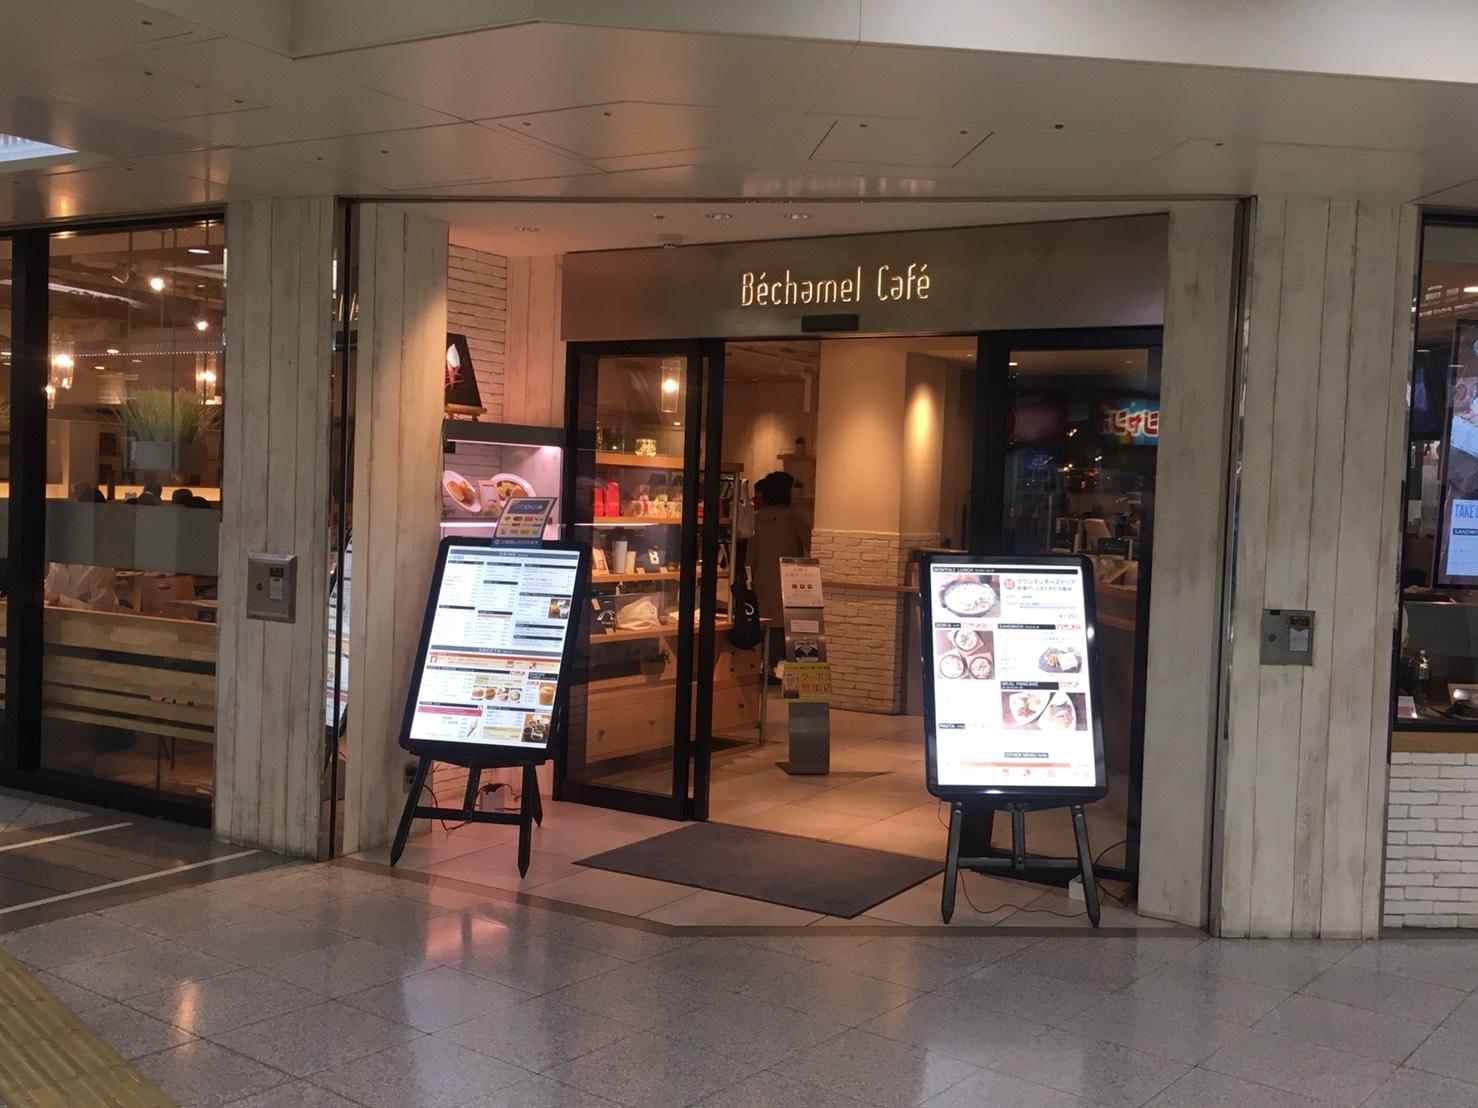 大阪梅田の勉強できるカフェ ベシャメルカフェ